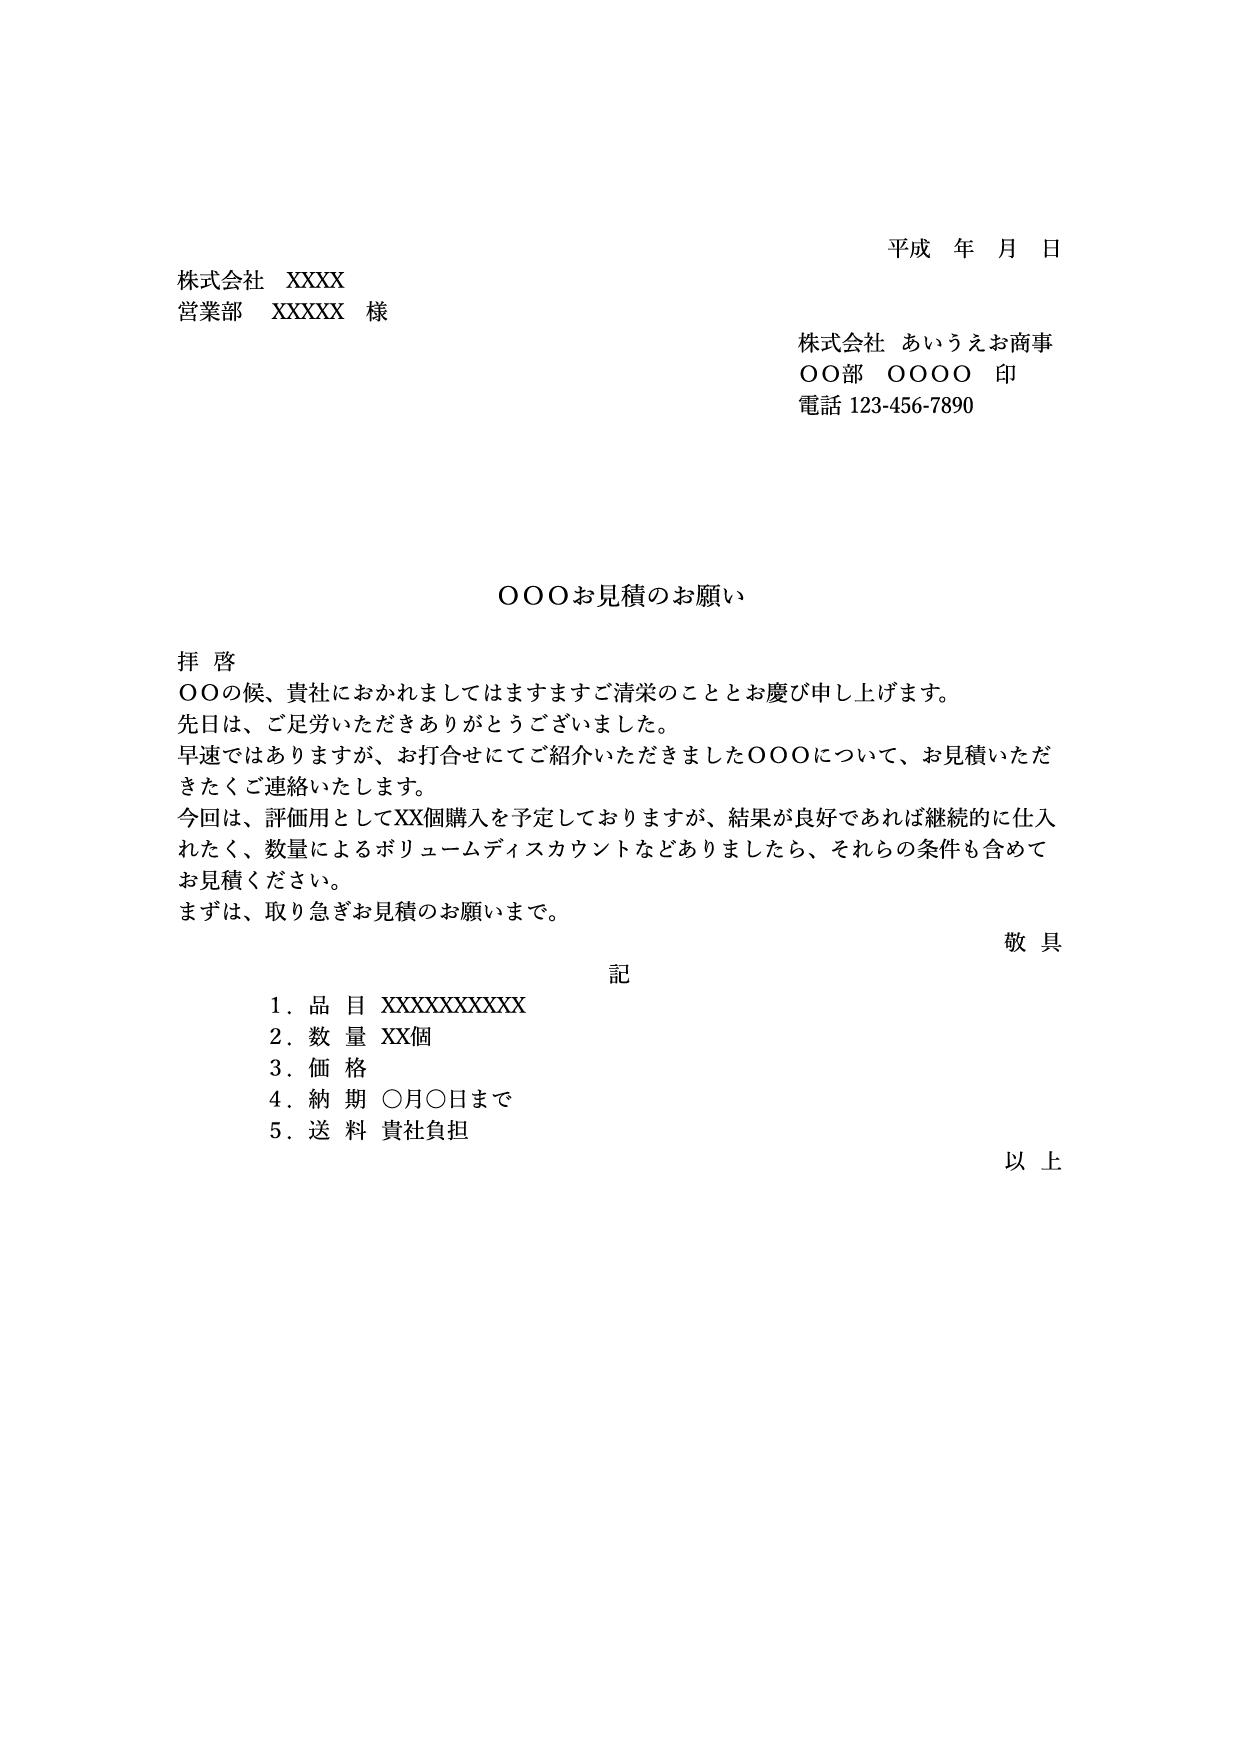 依頼状文例テンプレート_新規見積り(ワード・ページズ)